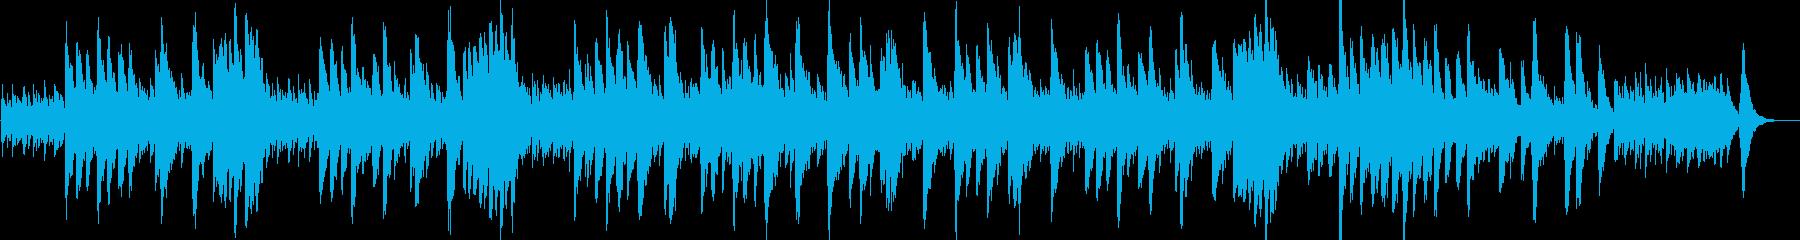 サンサーンス「白鳥」オルゴール風の再生済みの波形